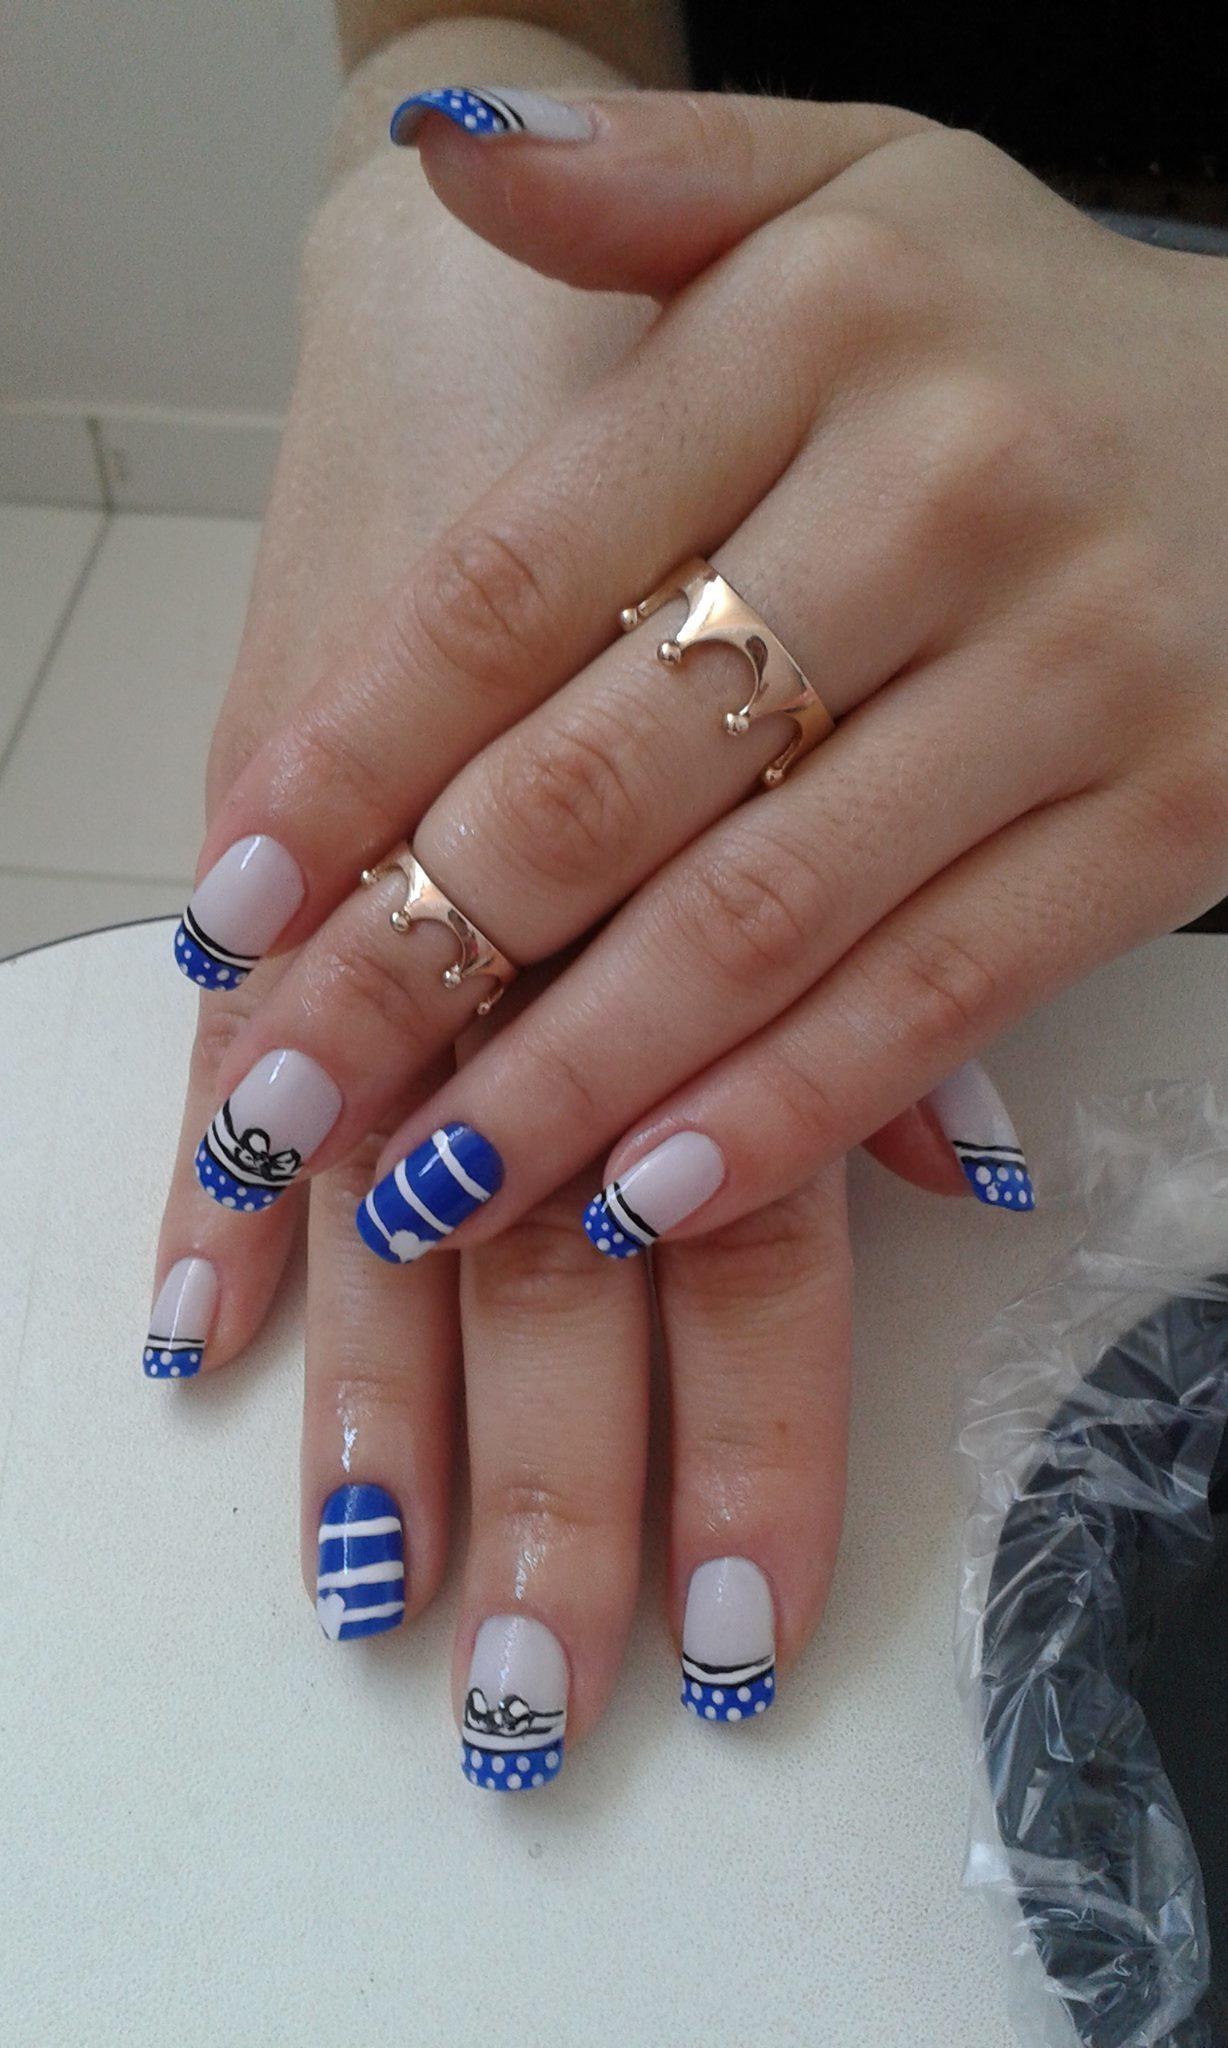 azul, lacinhos, linhas, coração, bolinhas unhas  manicure e pedicure manicure e pedicure